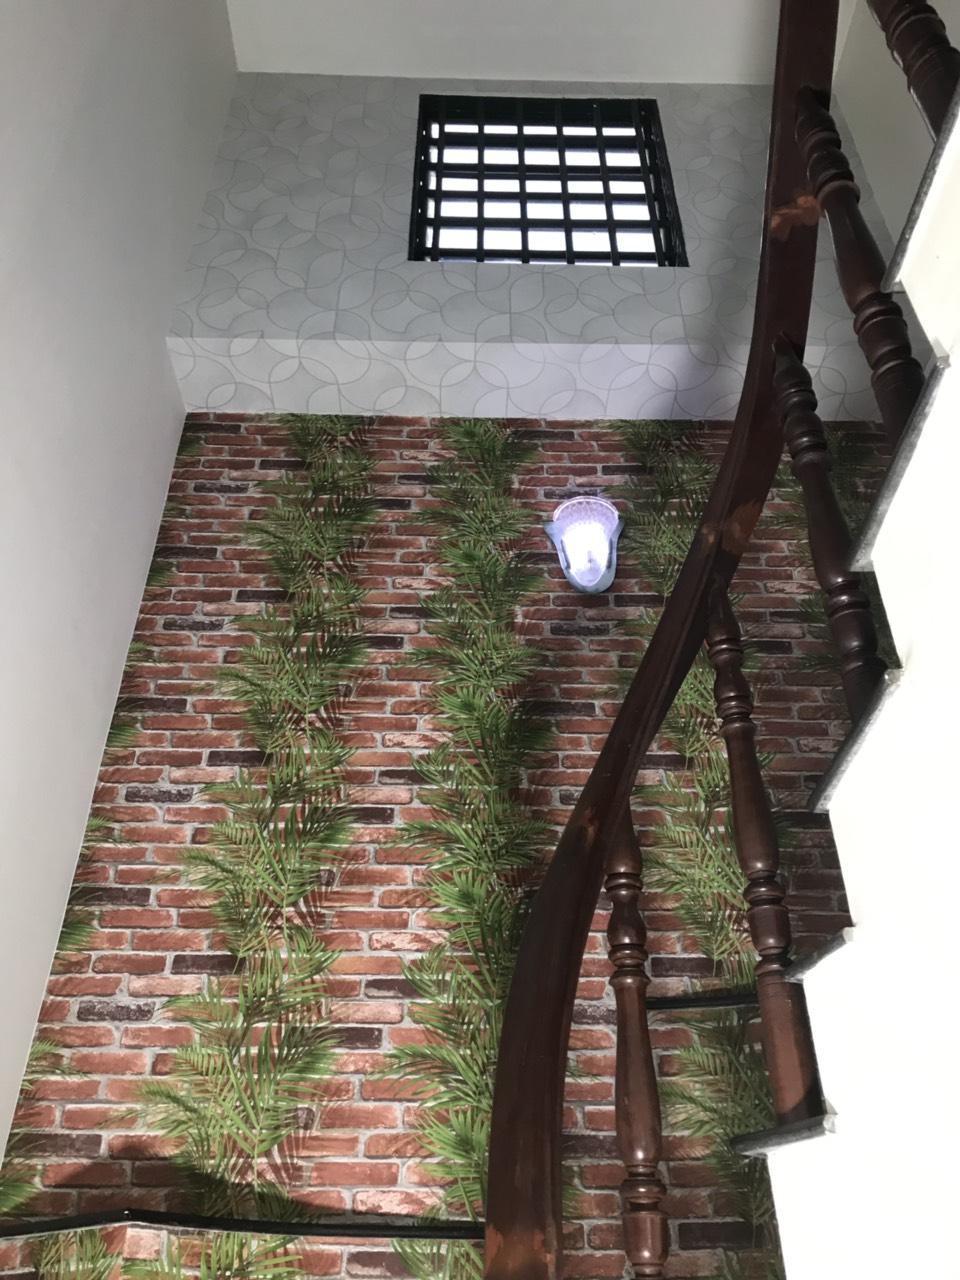 SOHO56118 1 PISTA83007 3 giấy dán tường cầu thang soho56118 1pista83007 3